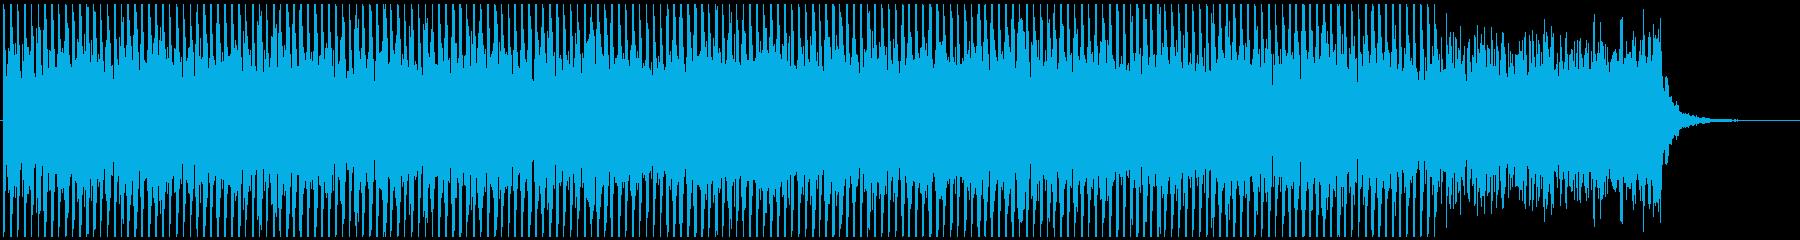 映像向けテクノ系BGM(シンプルver)の再生済みの波形